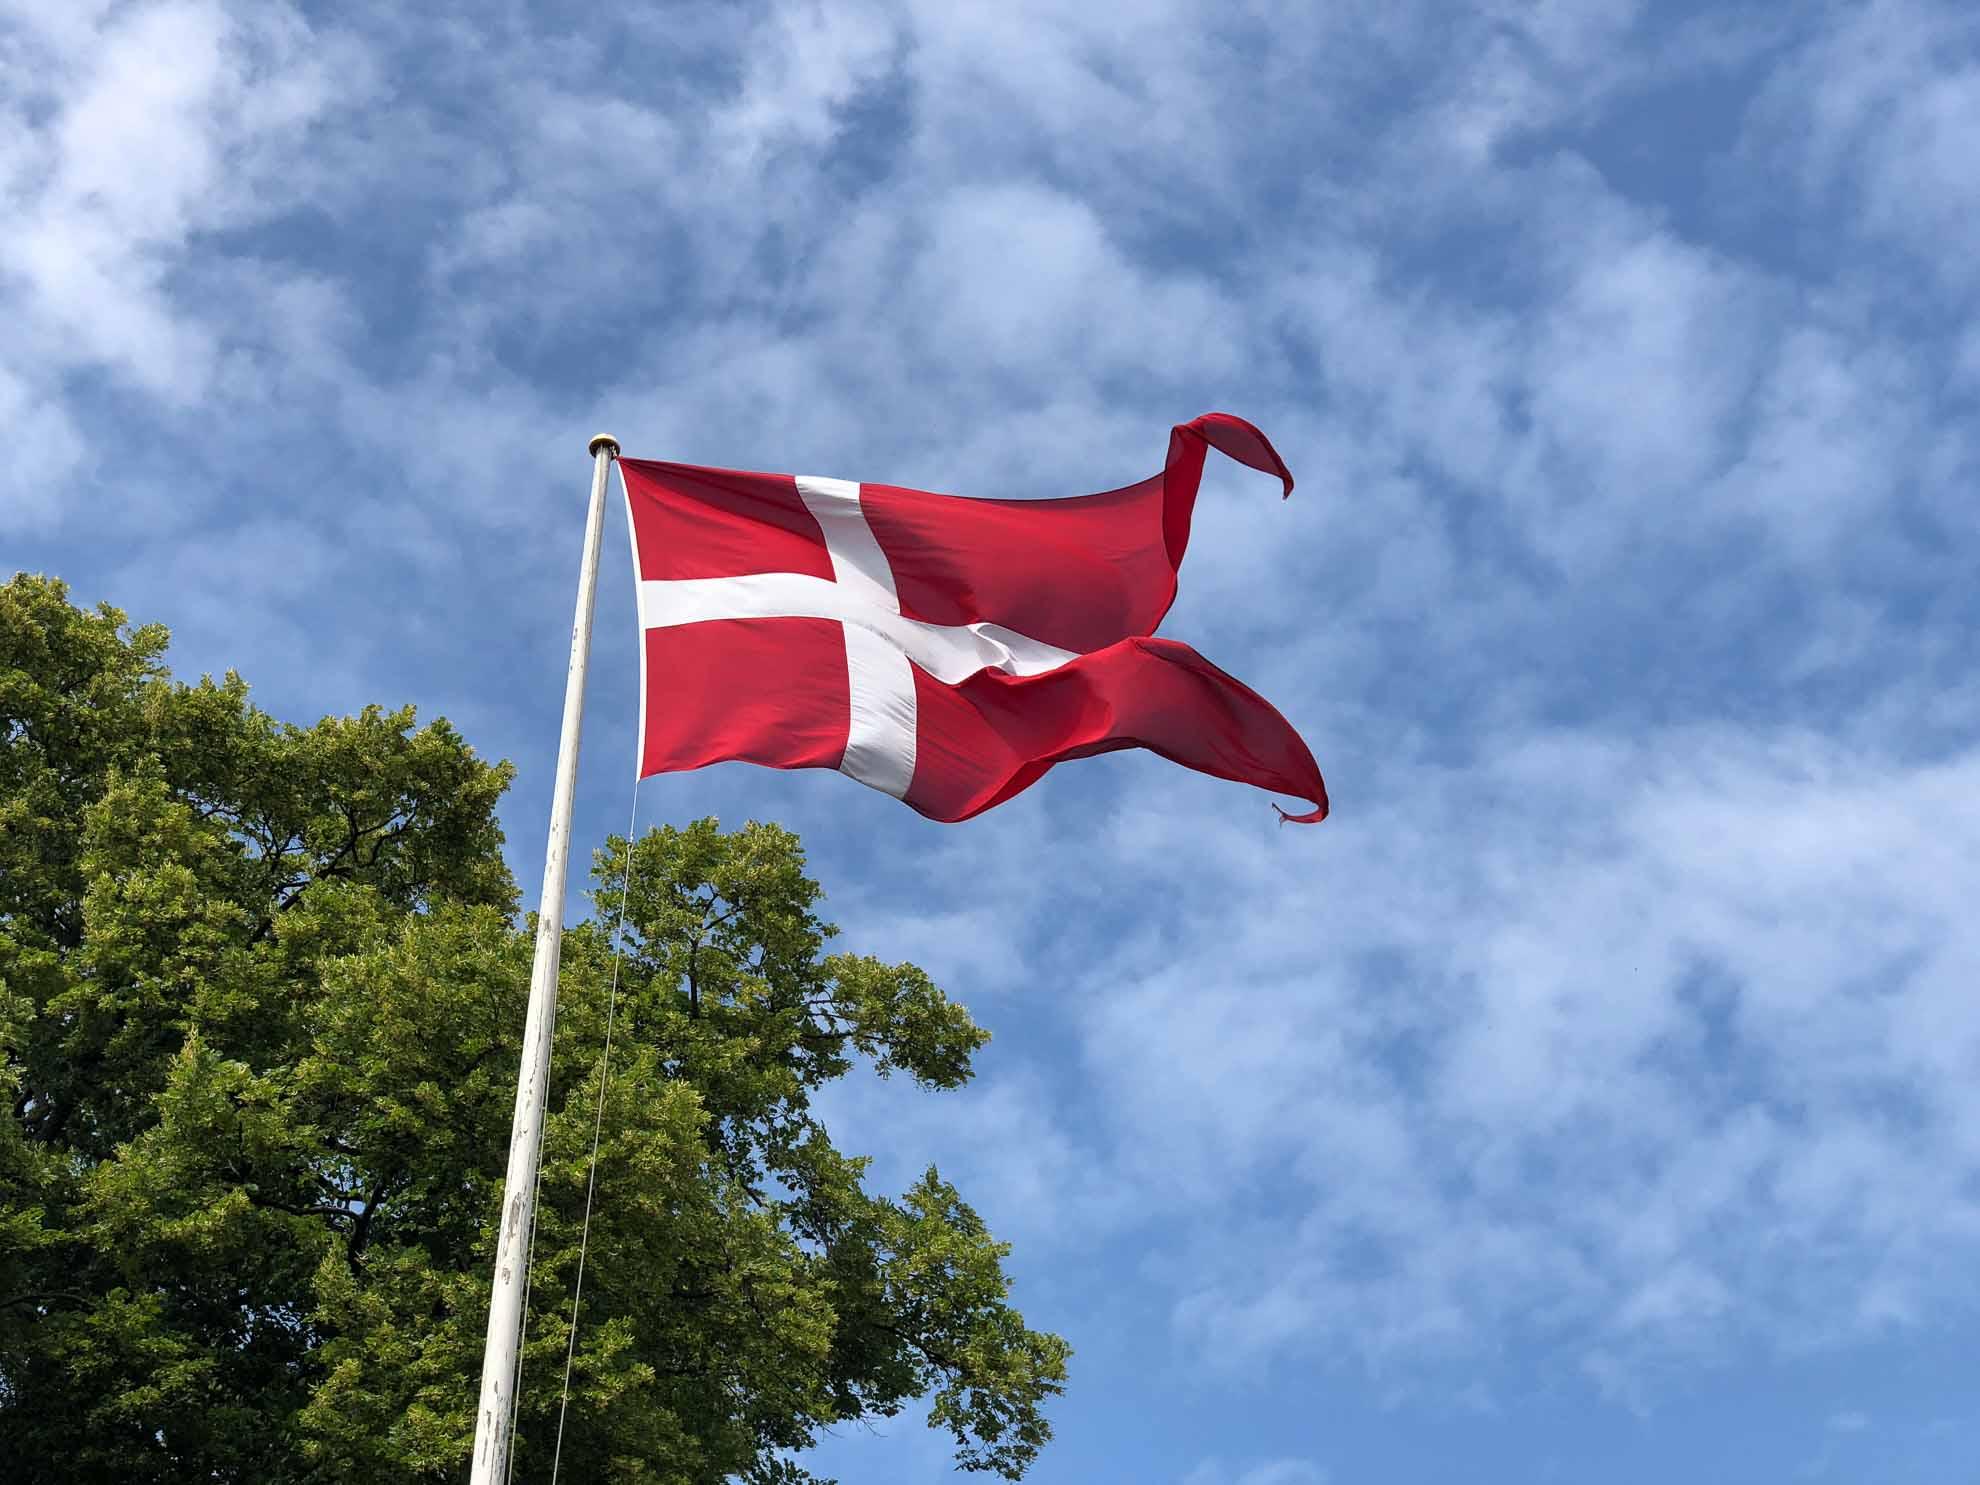 Der Dannebrog weht an vielen Orten in der Stadt, aber auch in vielen Gärten. Die Dänen sind stolz auf ihre Nationalflagge.